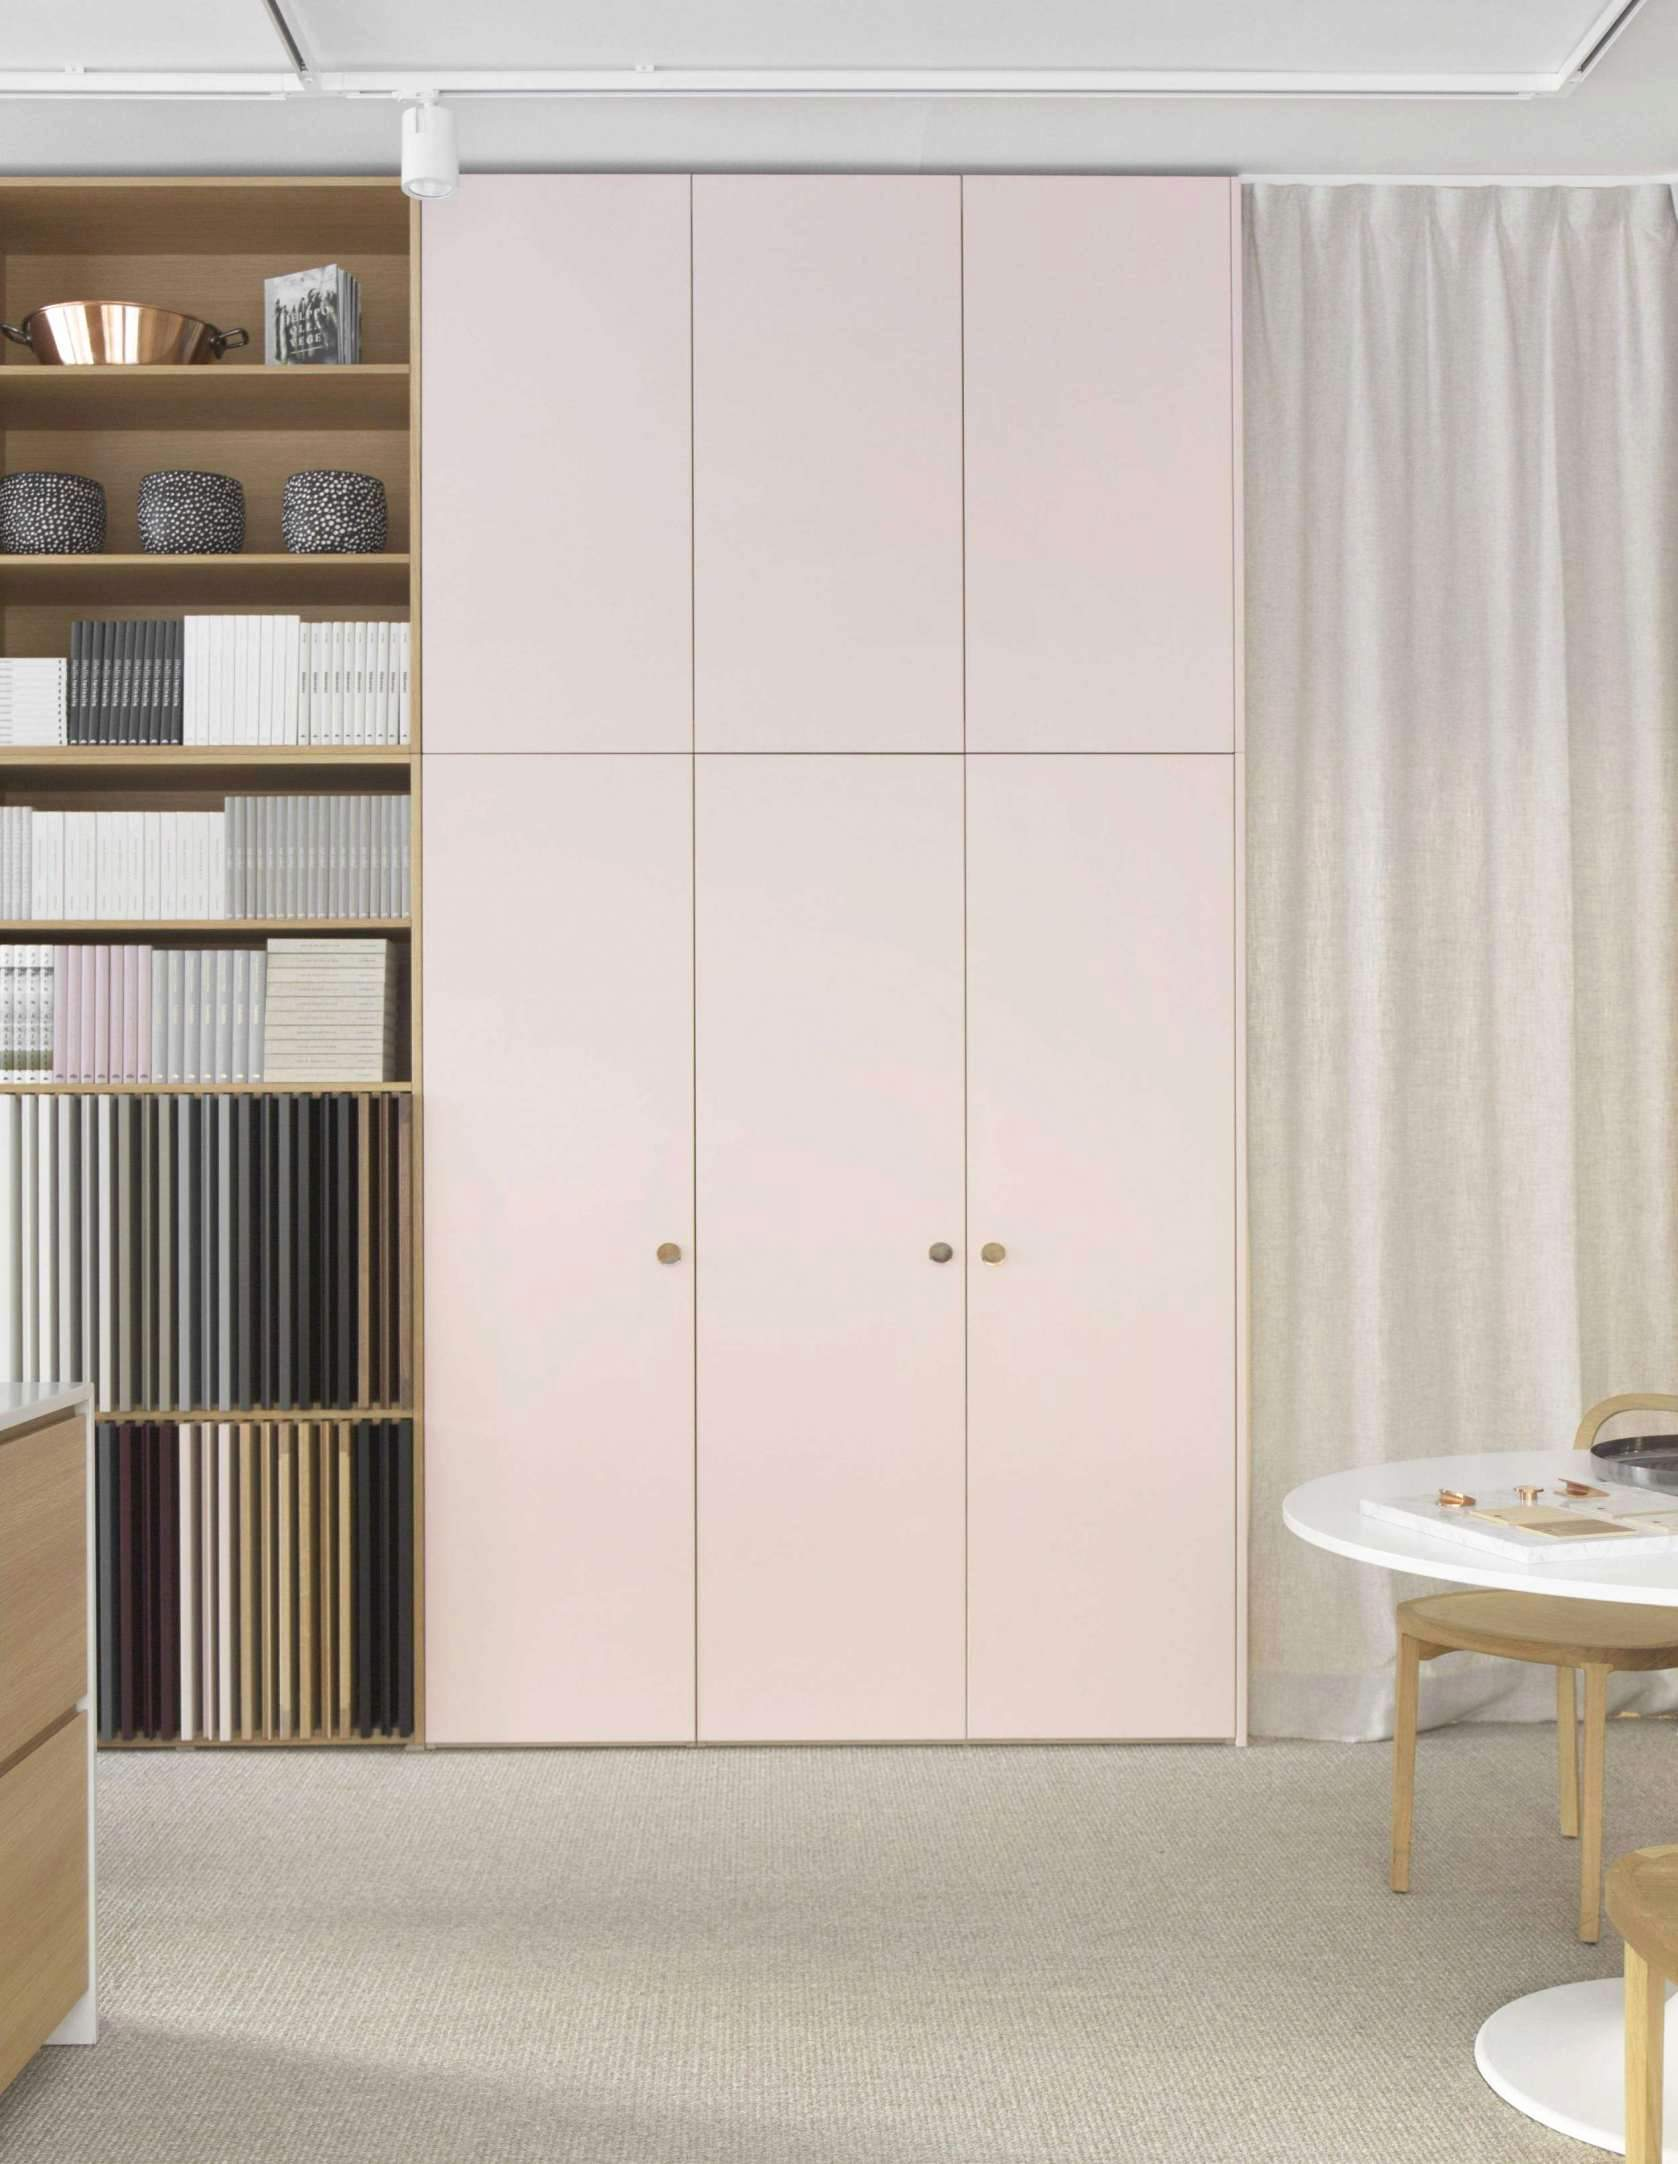 Full Size of Trennwand Ikea Wohnzimmer Ideen Genial Reizend Garten Küche Kosten Betten Bei Sofa Mit Schlaffunktion Glastrennwand Dusche Modulküche Kaufen Miniküche Wohnzimmer Trennwand Ikea